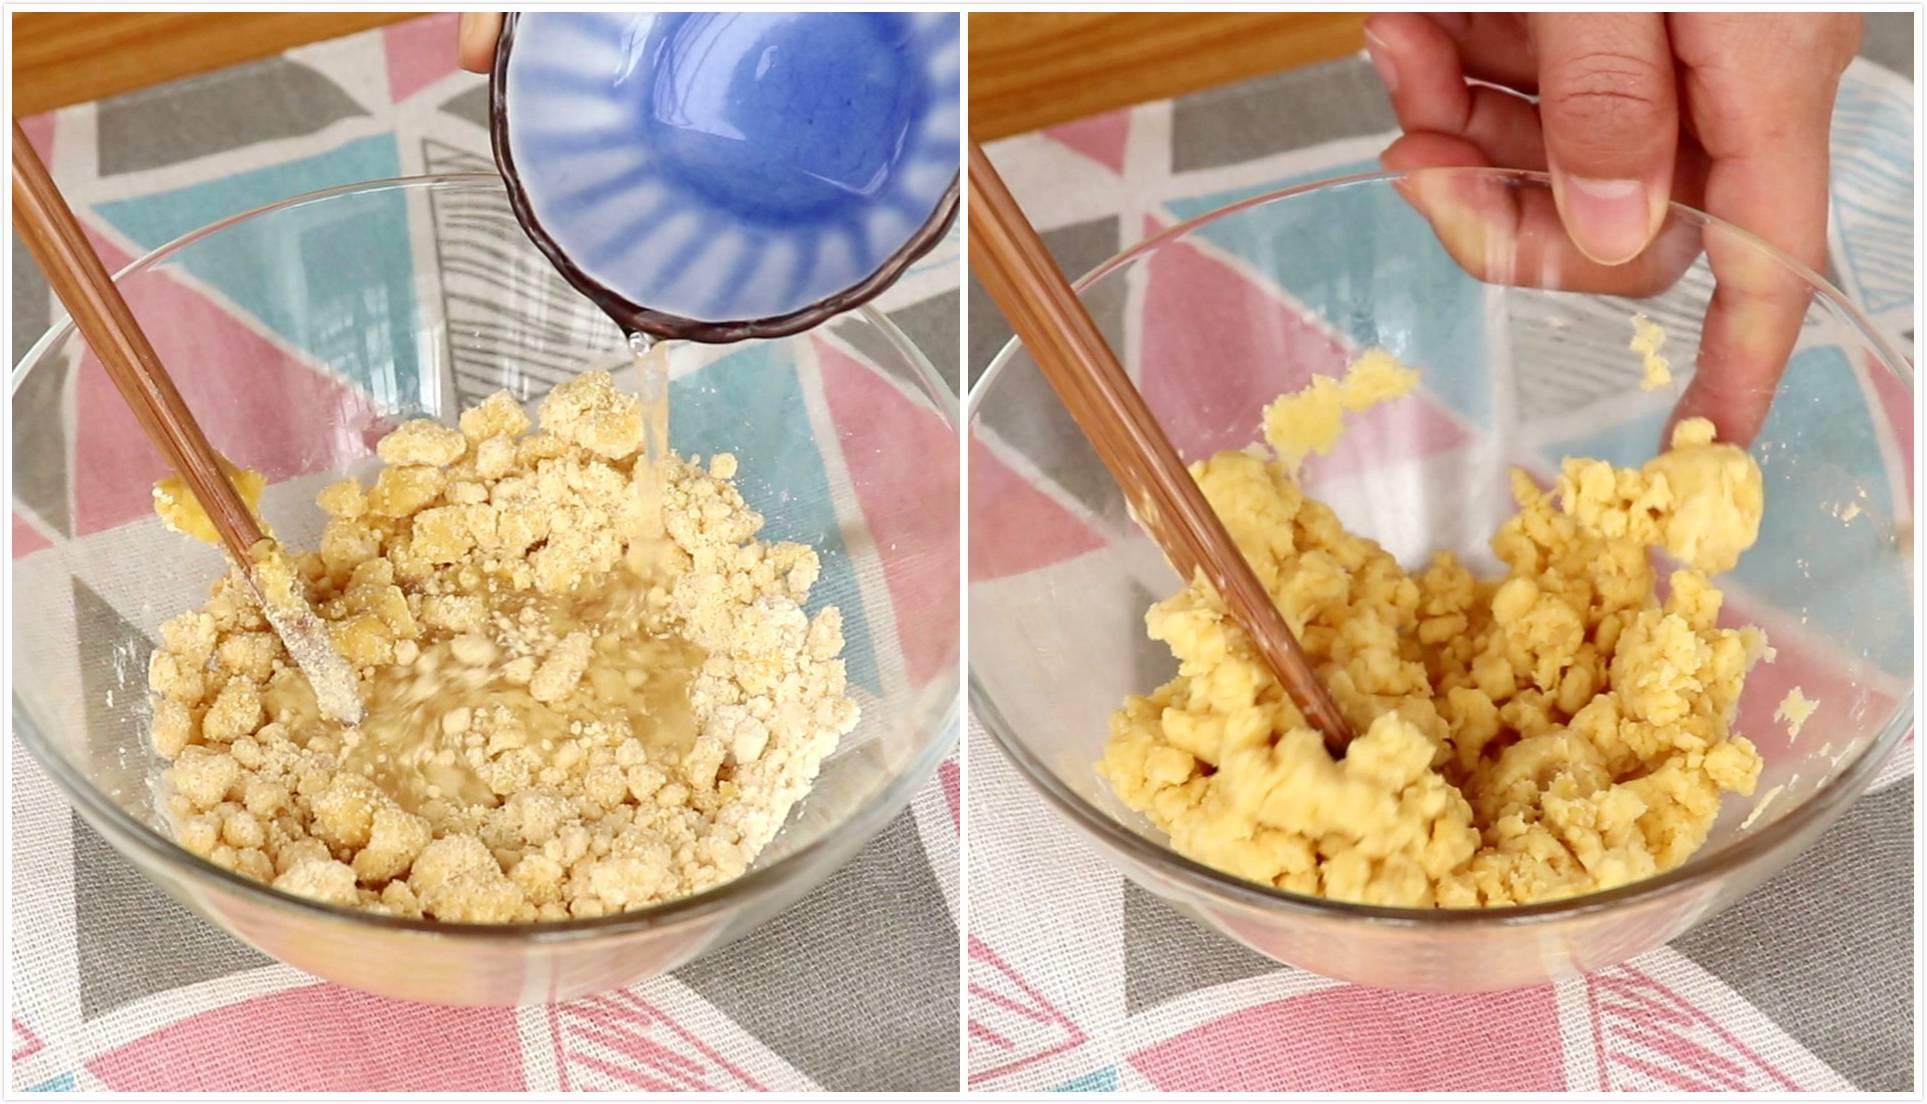 玉米脆片,倒入16g清水,搅拌均匀</p> <p>tips:由于不同面粉的吸水量不同,水的量大家少量多次的加,一般调整在16g左右即可</p> <p> 只要面团湿度以用黄豆粒大一点儿的面团压成一角硬币大小的面片,不易开裂就可以了